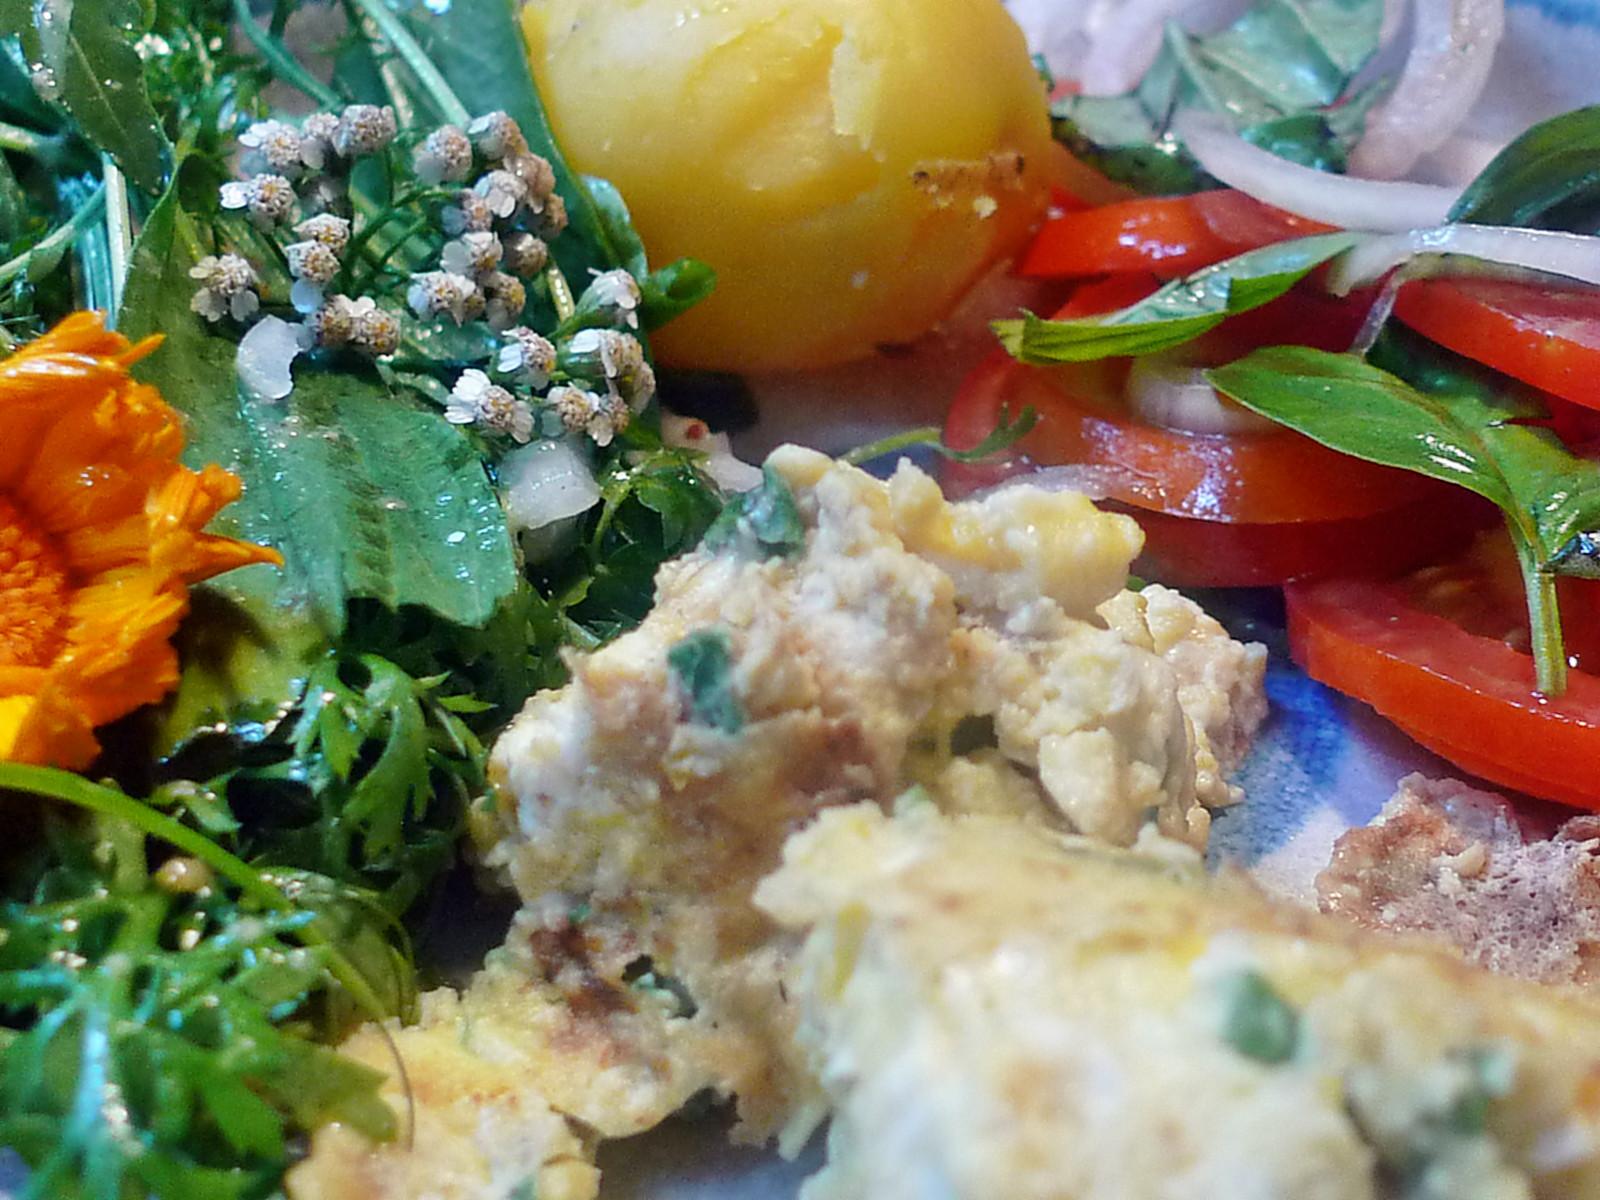 Rührei-Wildkräutersalat-Tomatensalat-Kartoffeln-25.7.14   (13)